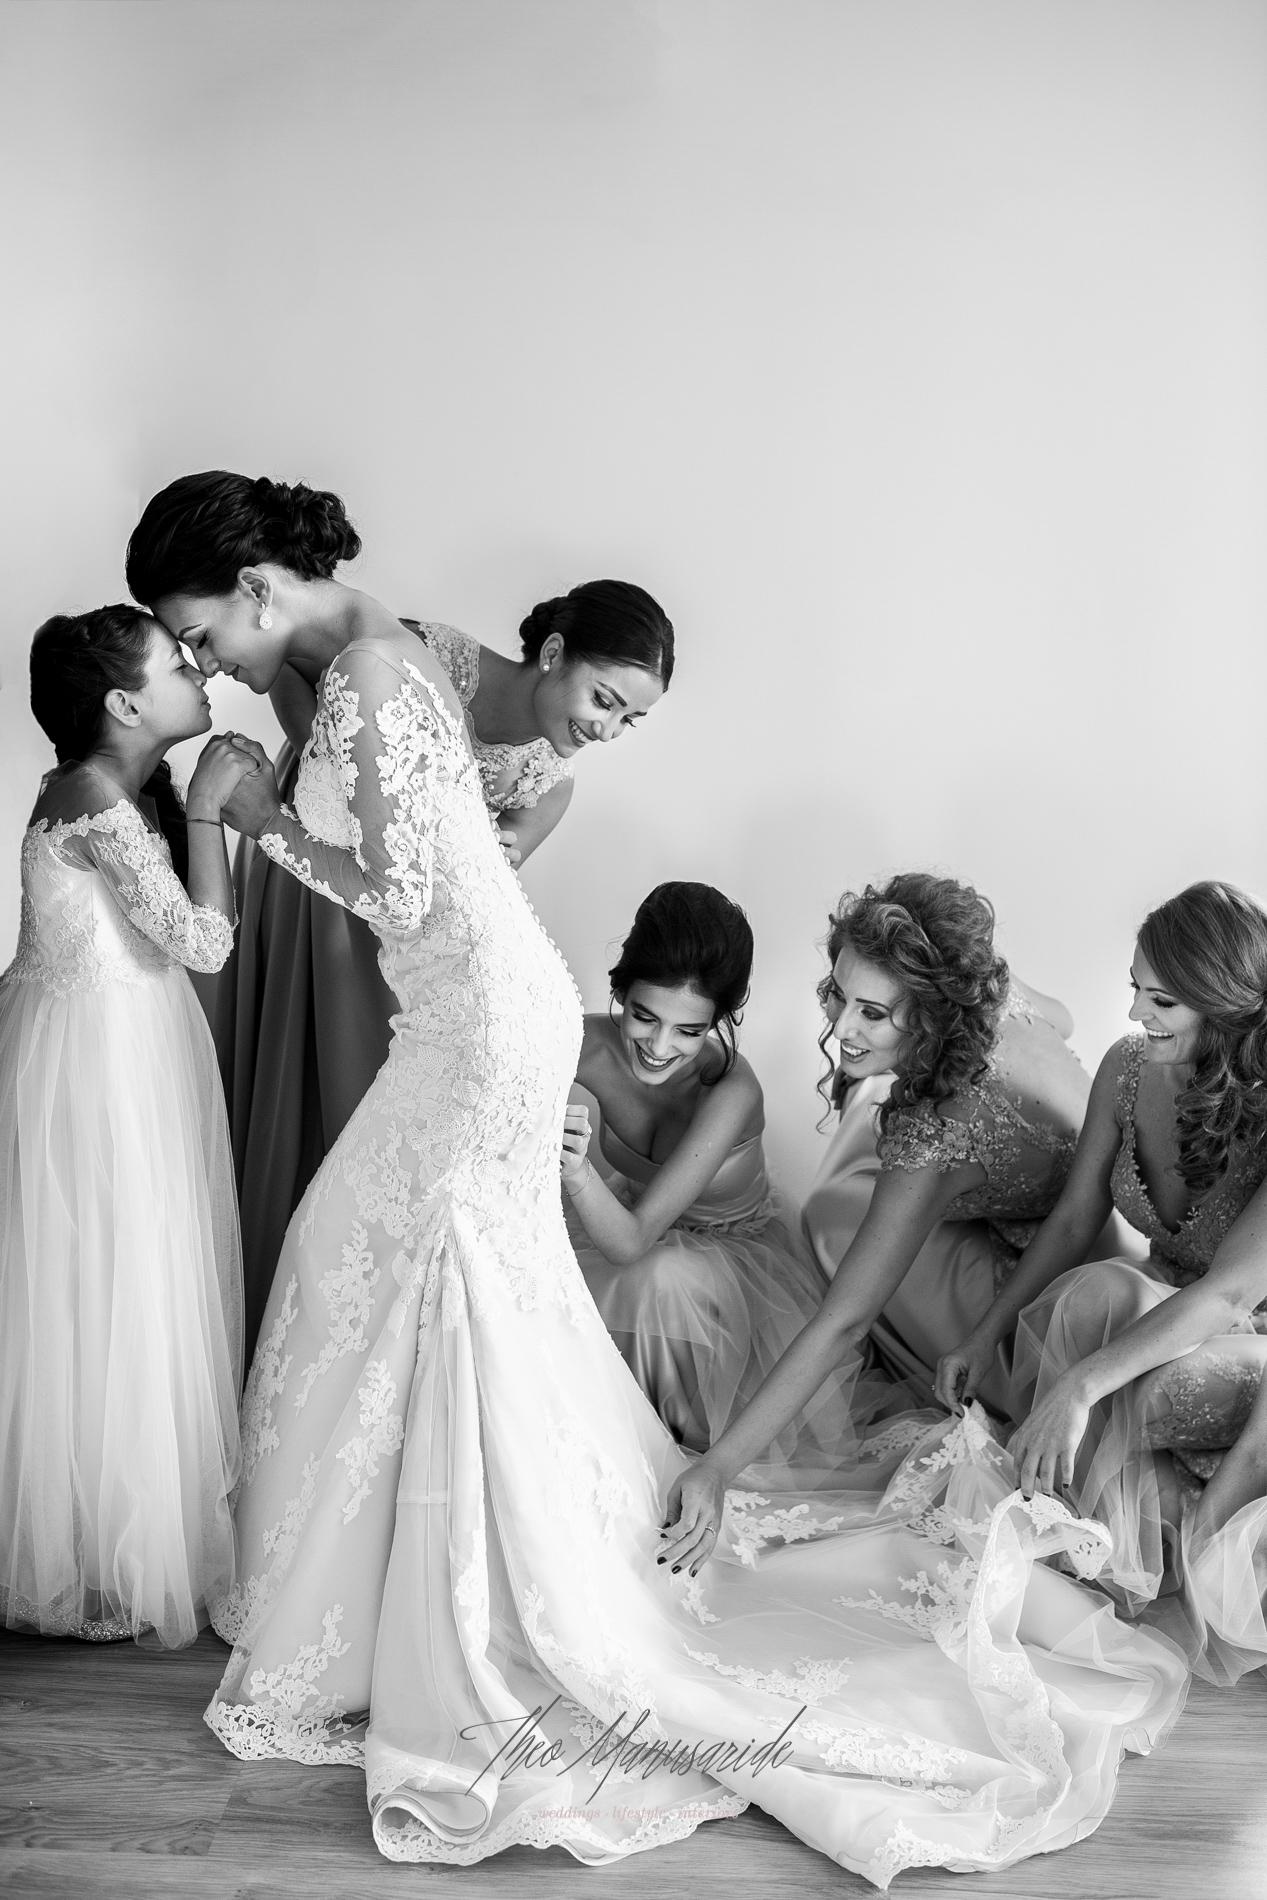 fotograf nunta biavati events-17-2